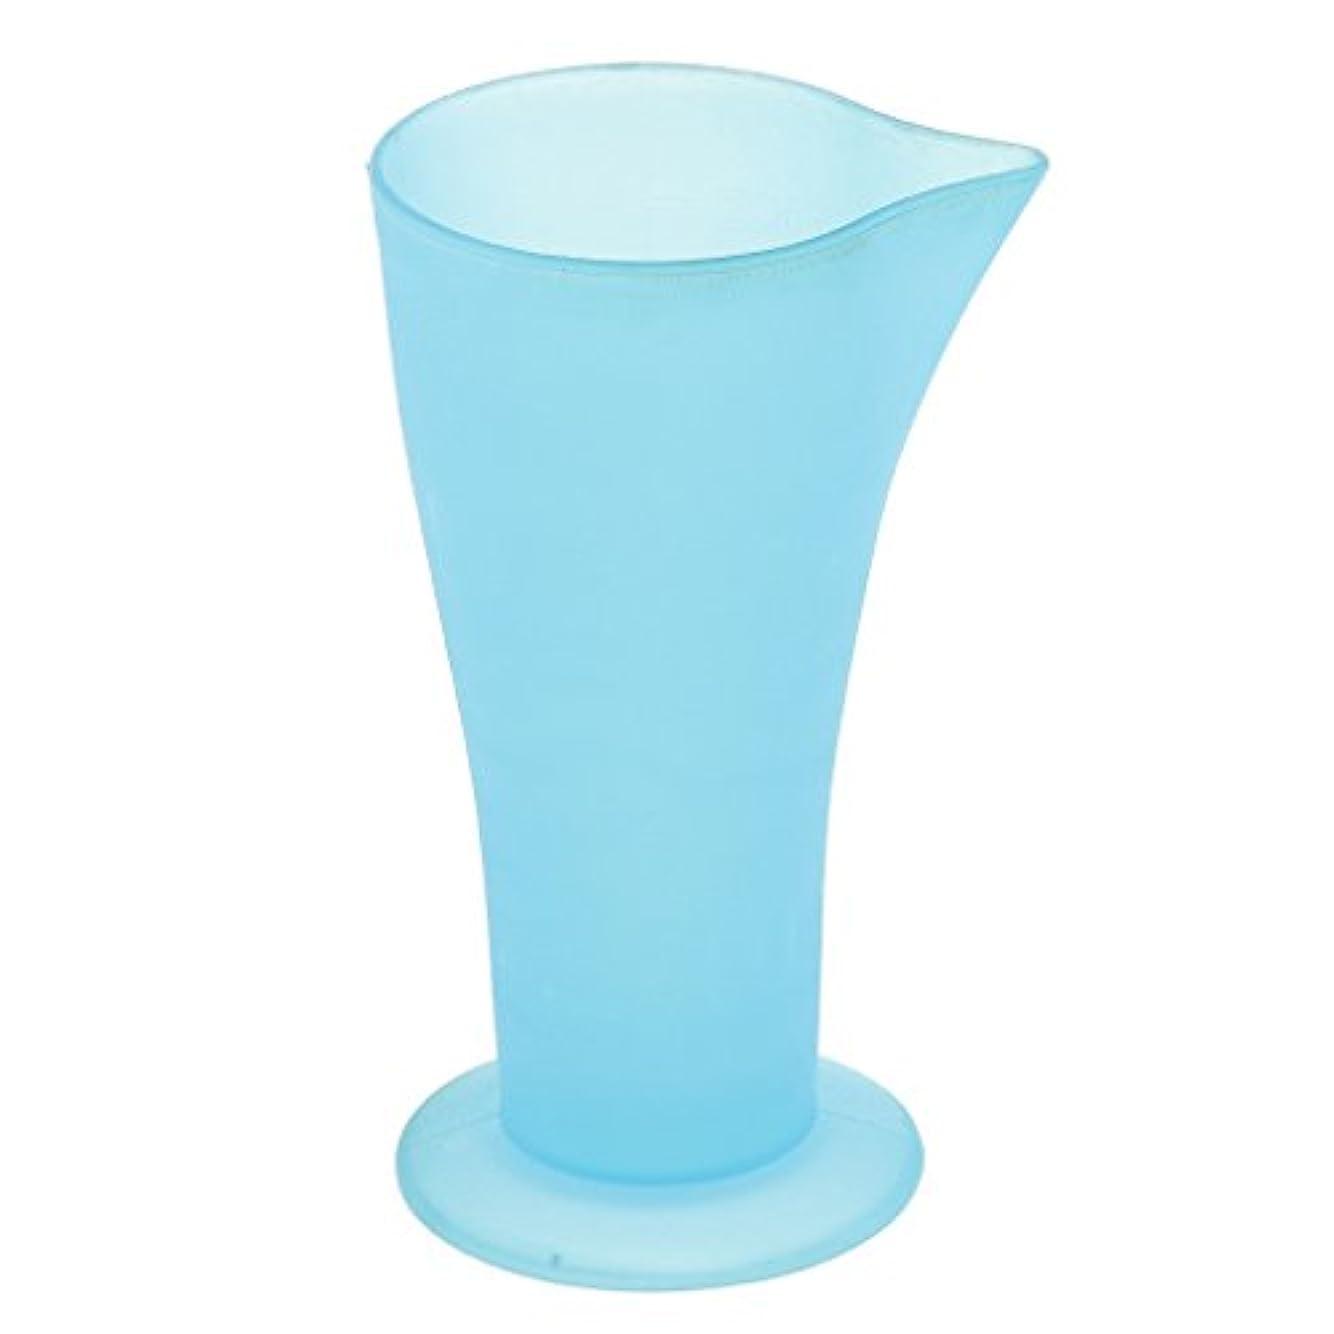 敬意を表する振動させるミニ実験室のための1x 120mLの明確な青いプラスチックによって卒業する液体の測定のビーカーのコップ